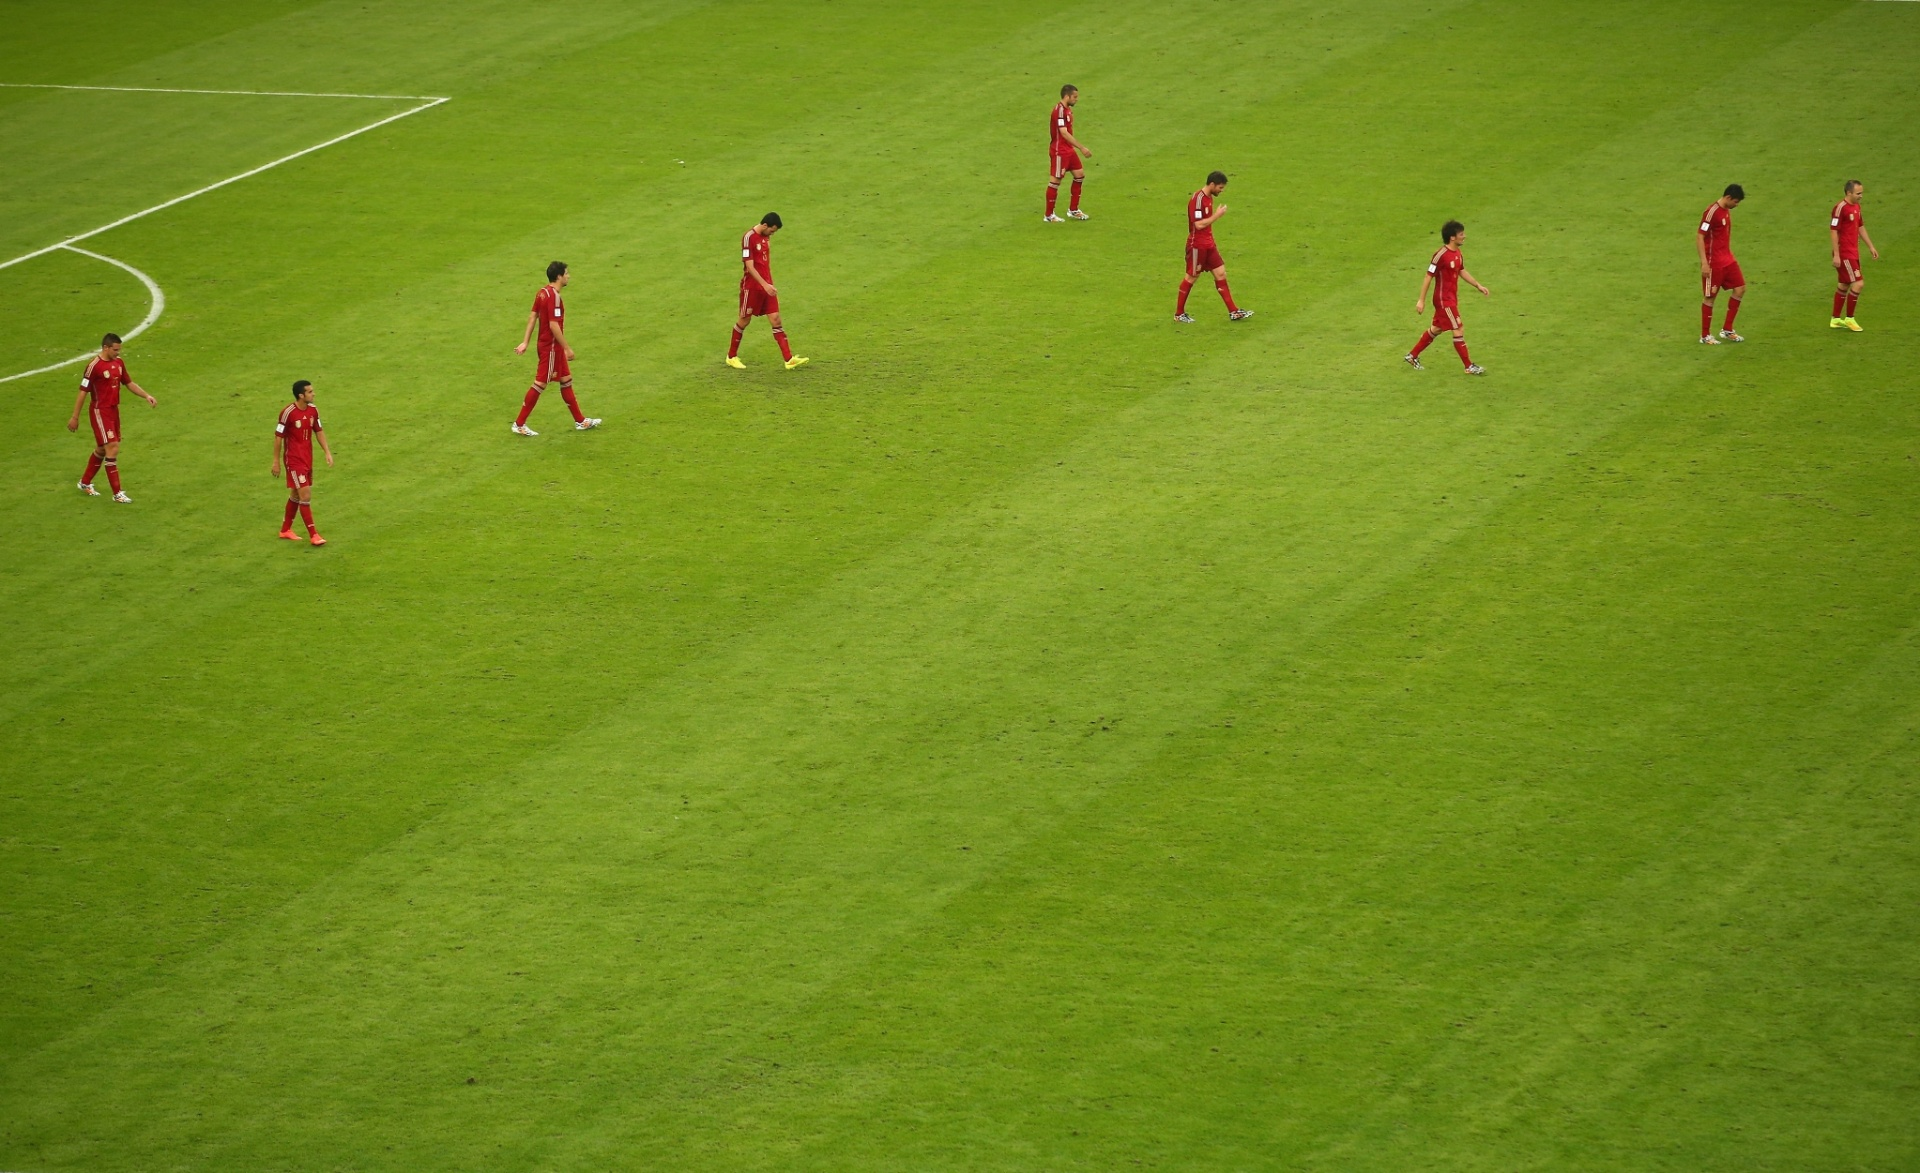 Atuais campeões mundiais, jogadores da Espanha retomam suas posições em campo depois de sofrer gol do Chile no Maracanã